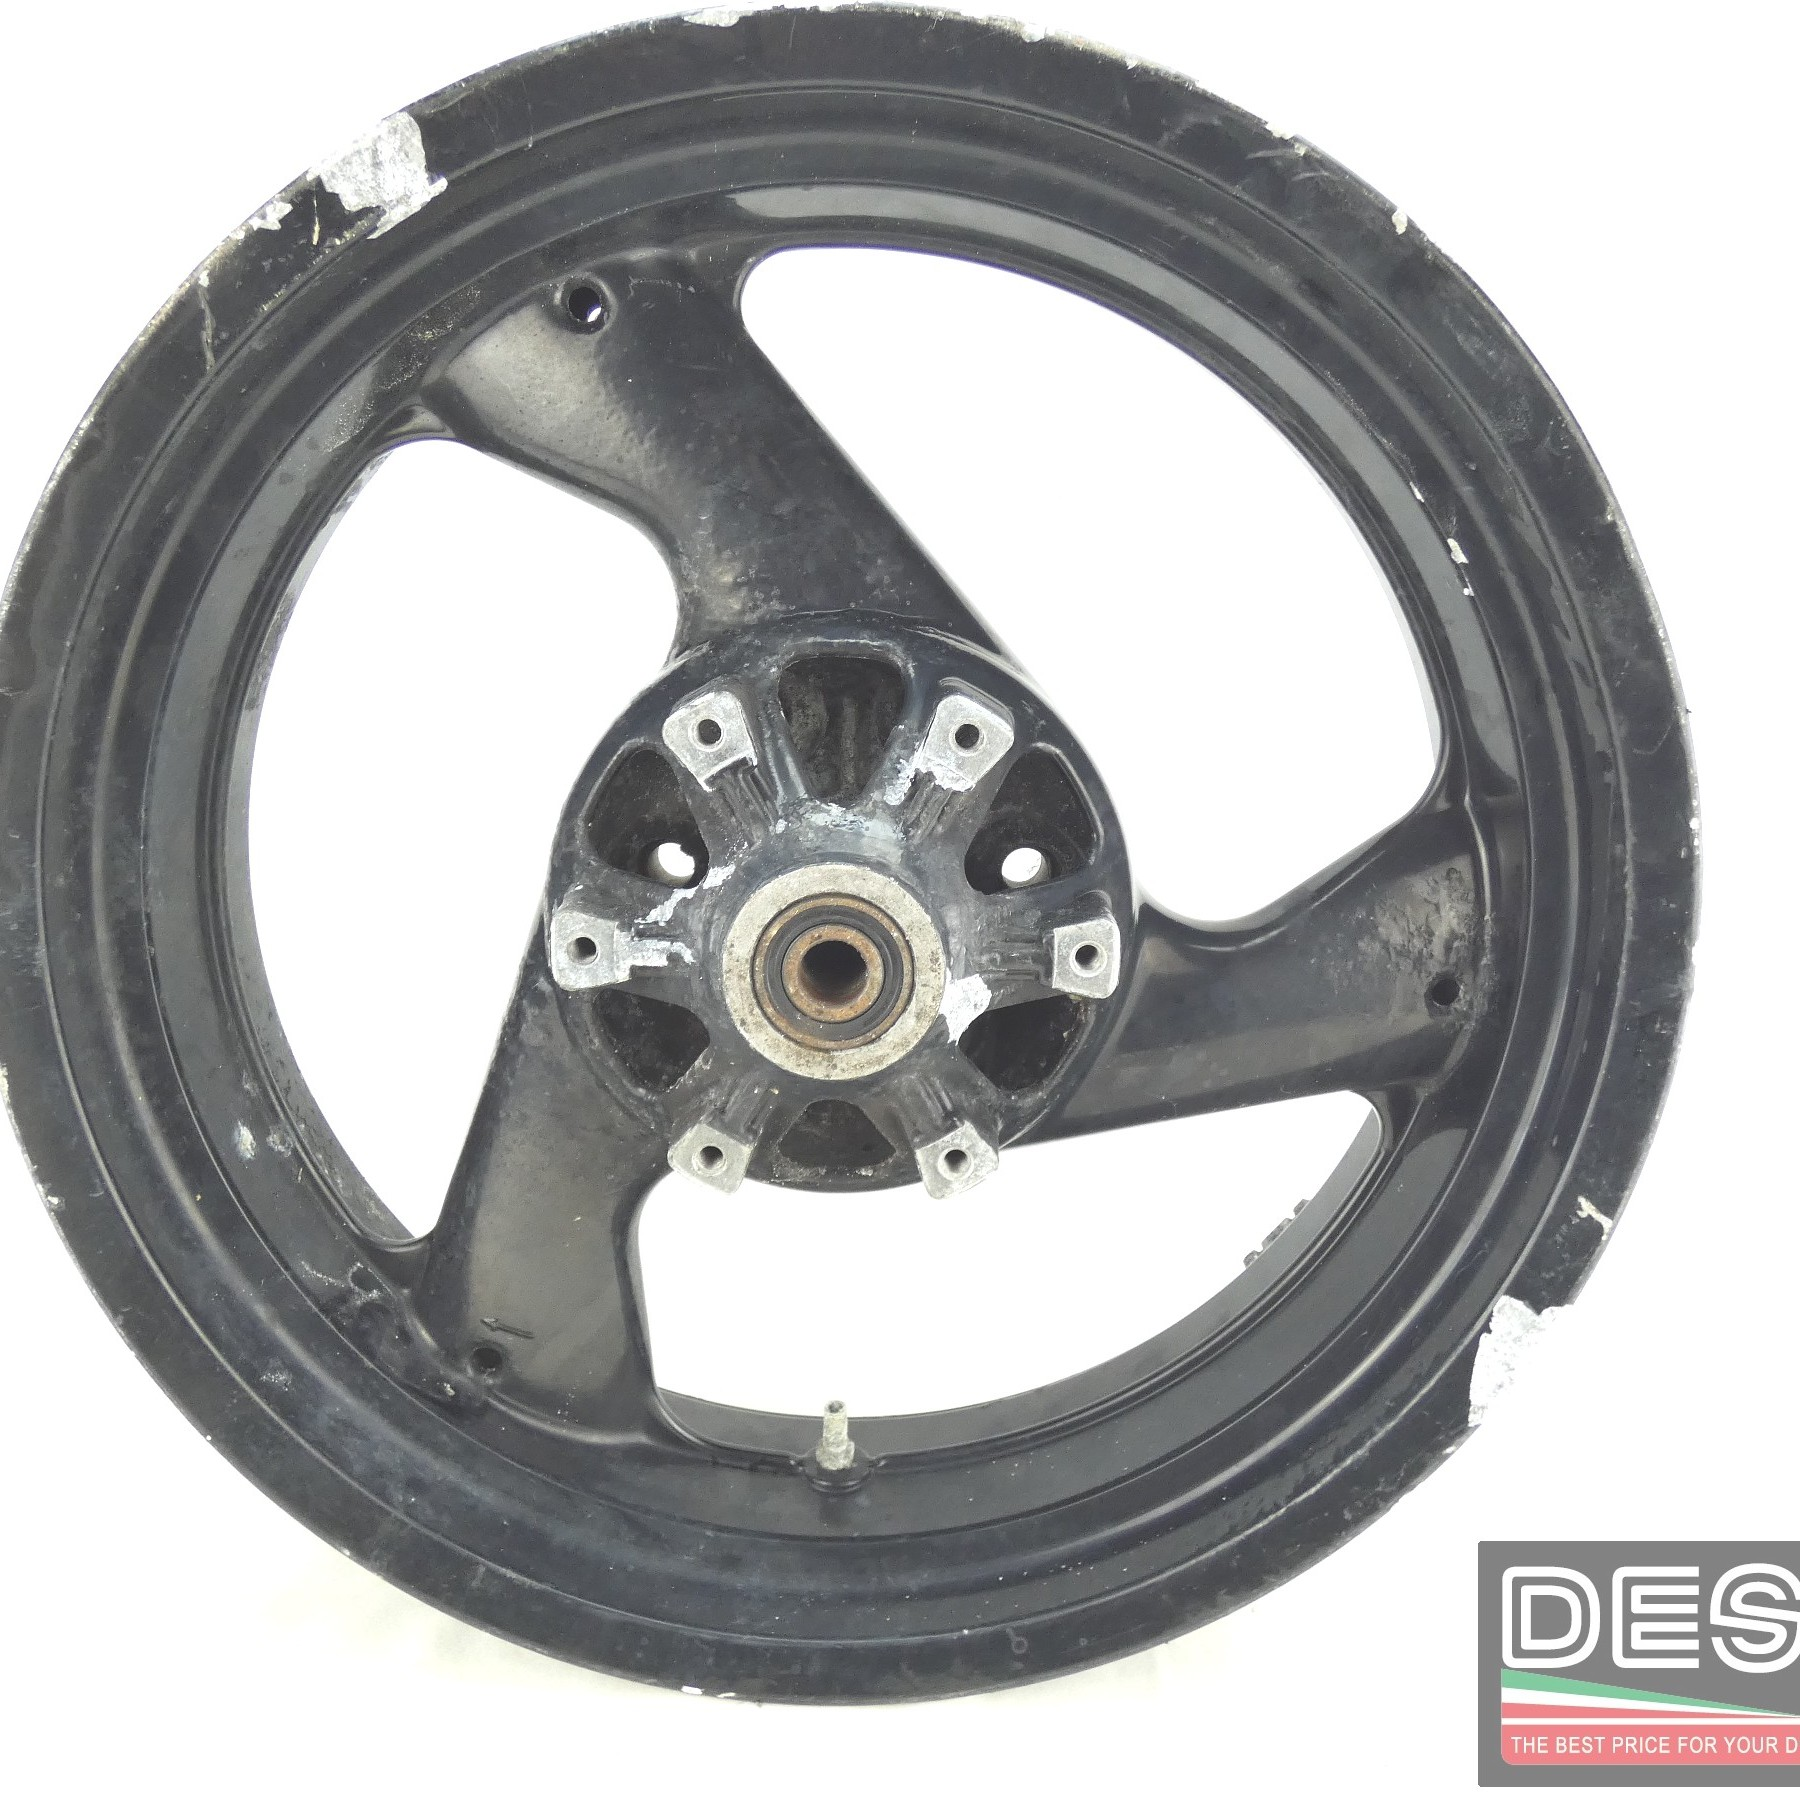 Cerchio Brembo nero tre razze 4,5 x 17 Ducati Monster 900 MY 99